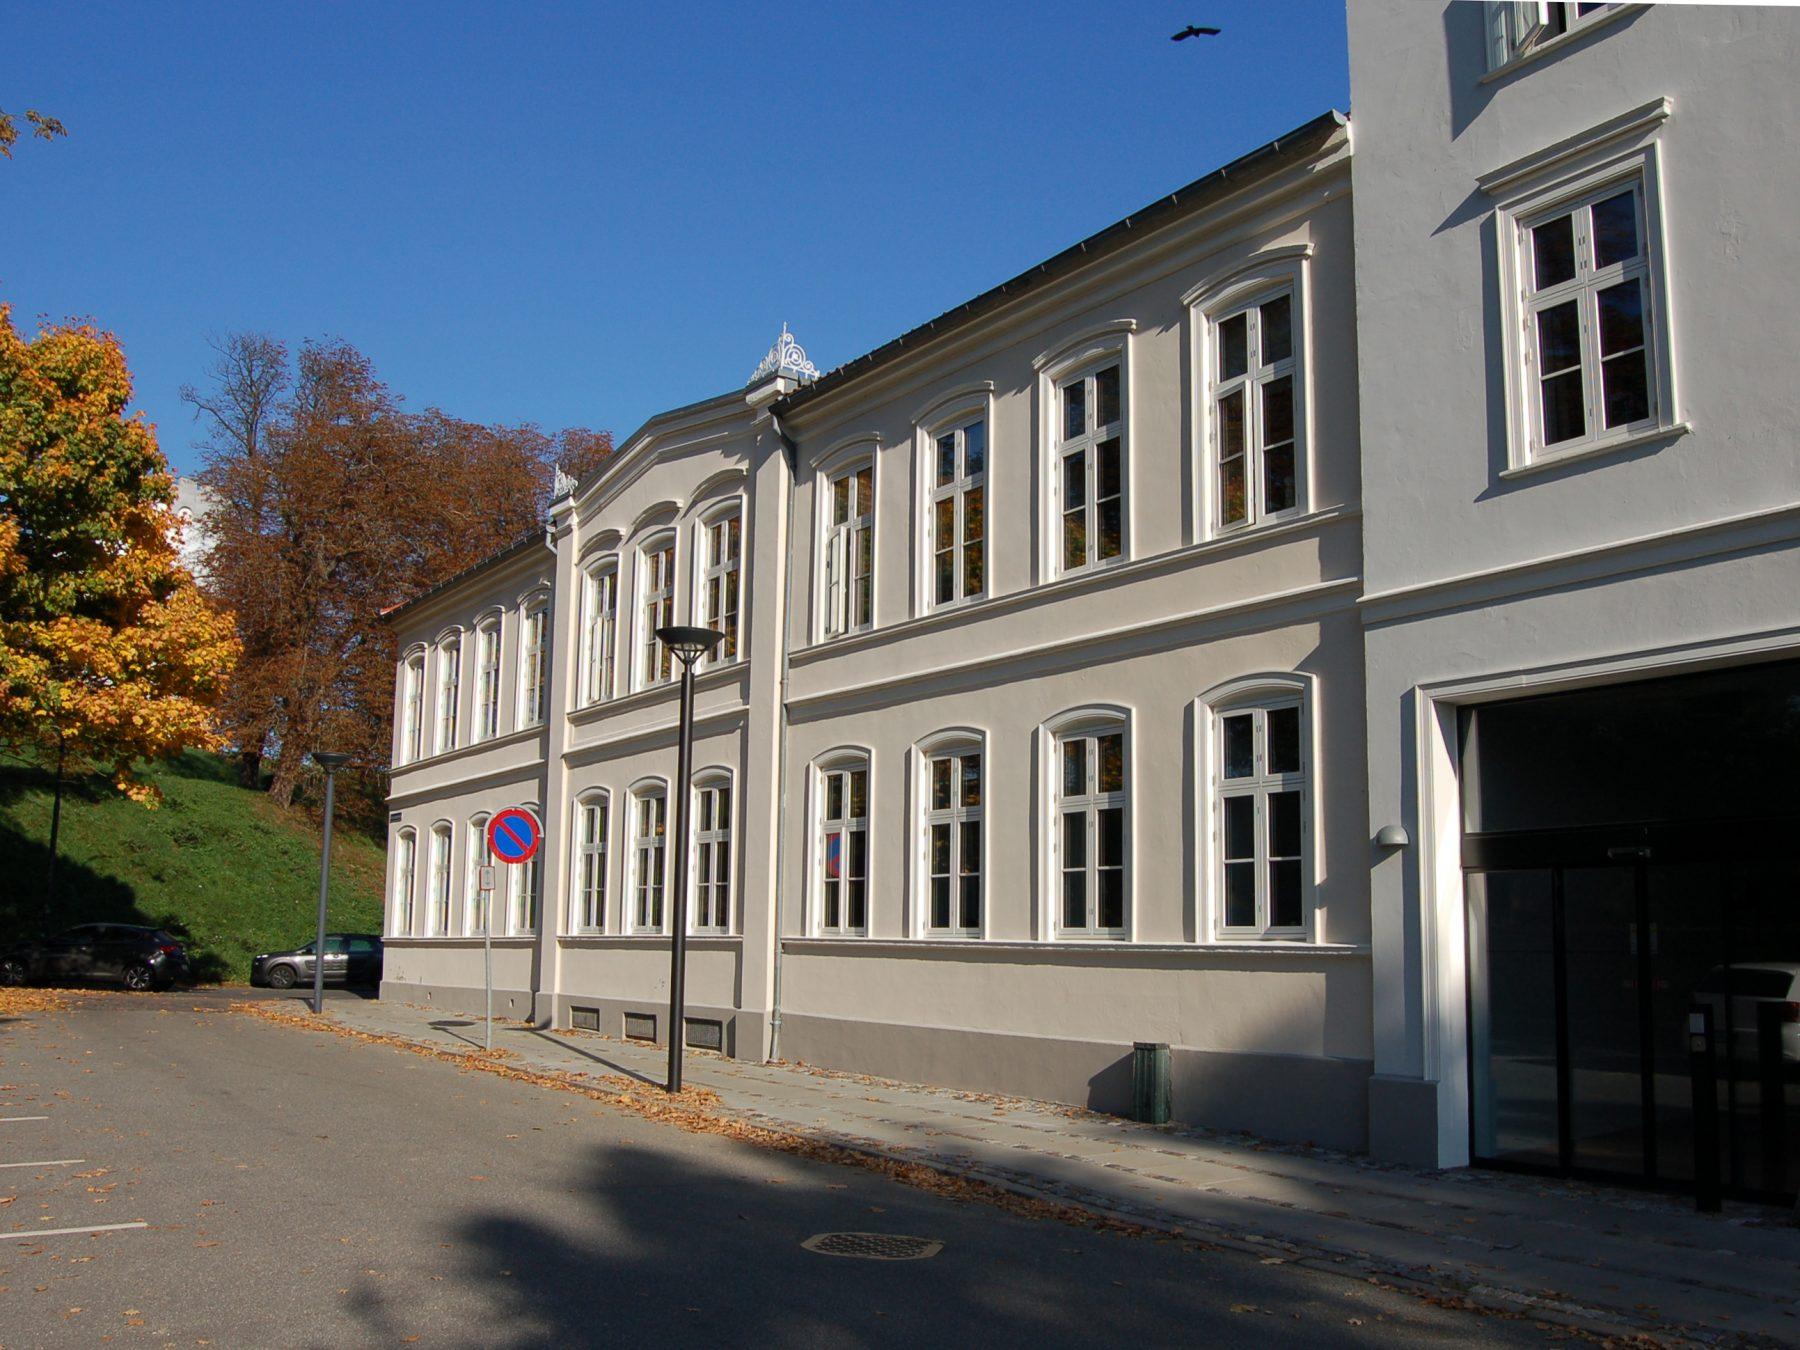 Boligkontoret Fredericia, afd. 602, I.P. Schmidts Gård, Fredericia - 3